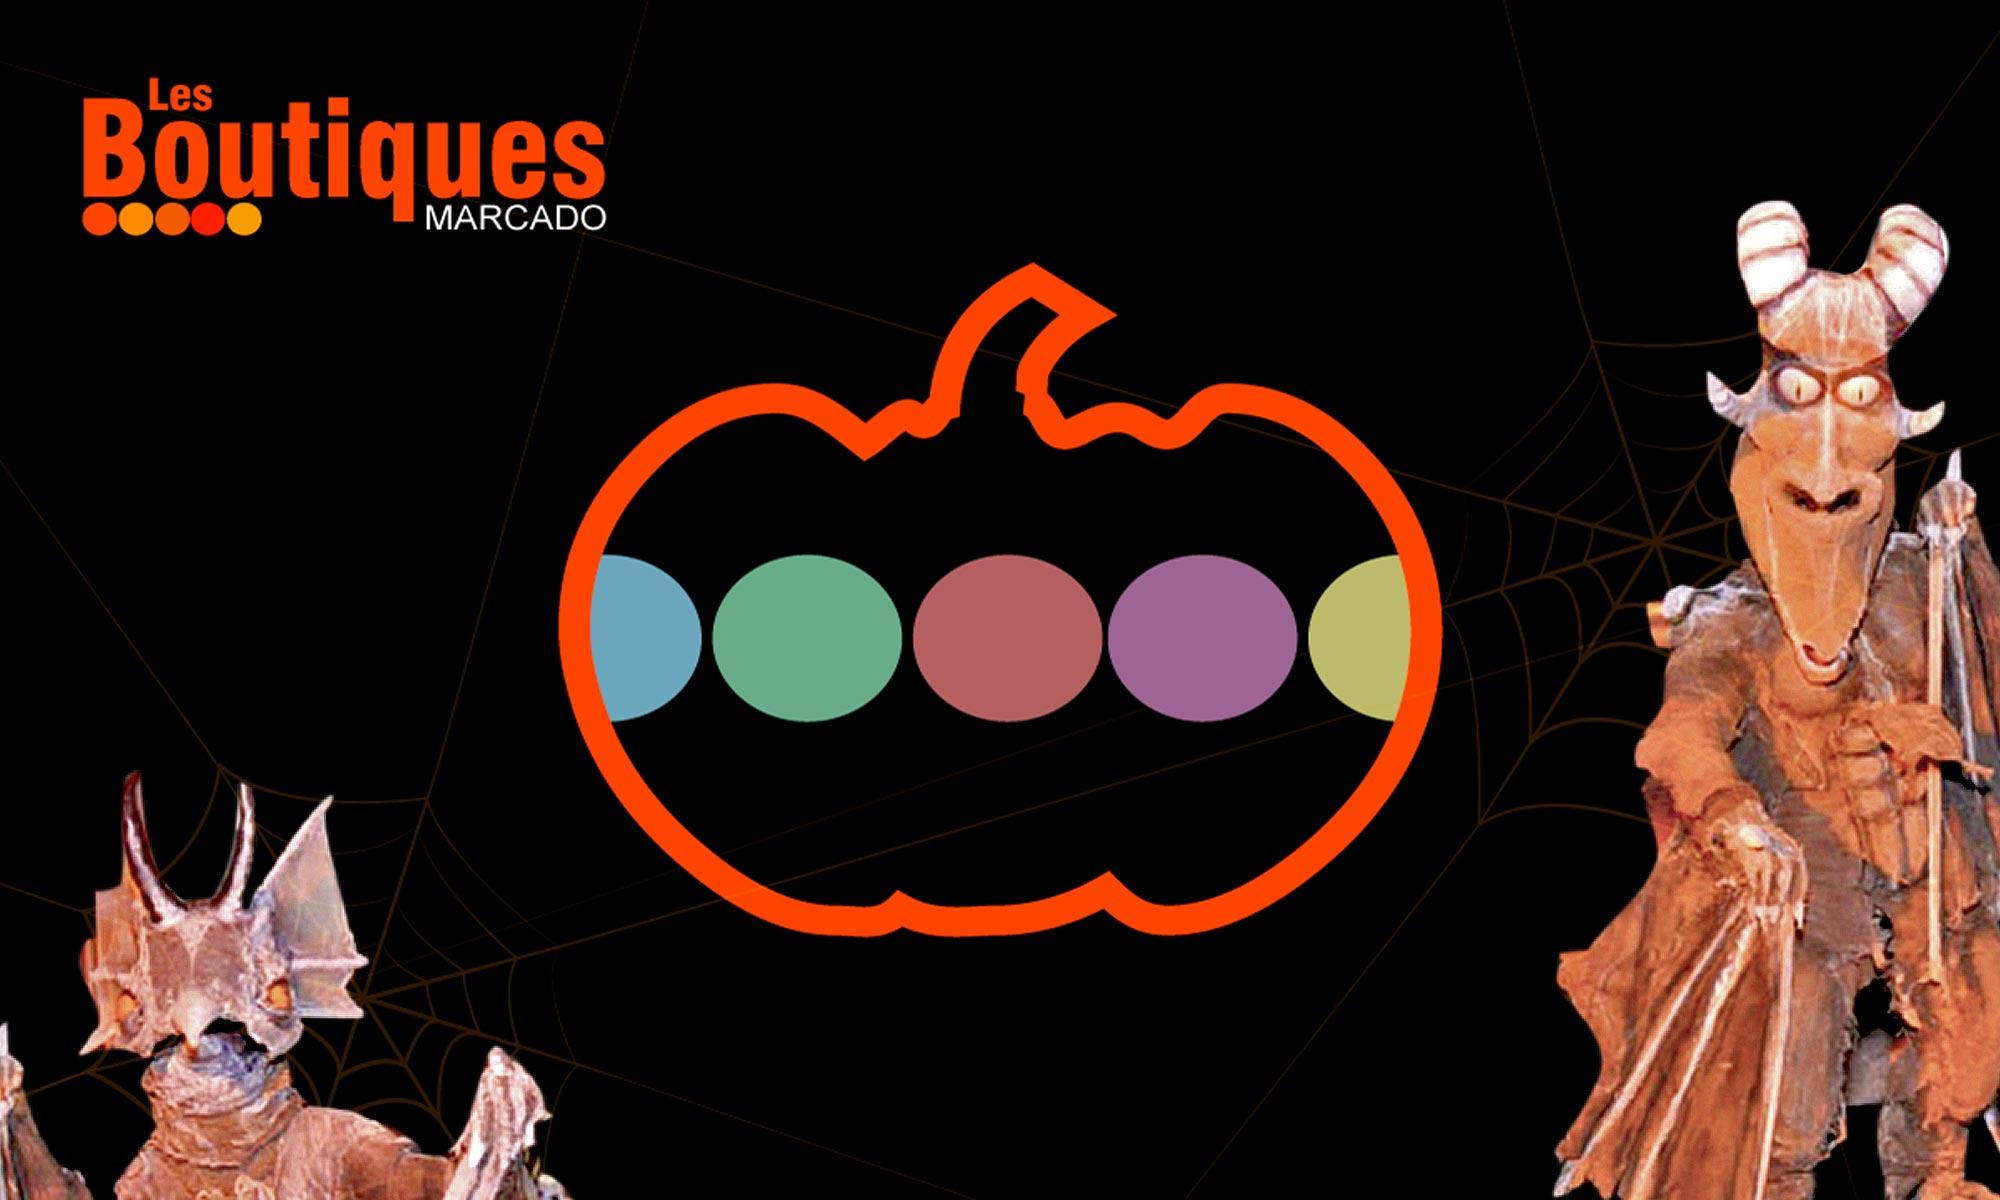 Fête d'Halloween aux Boutiques Marcado, Maquillage, concours et créatures fantastiques